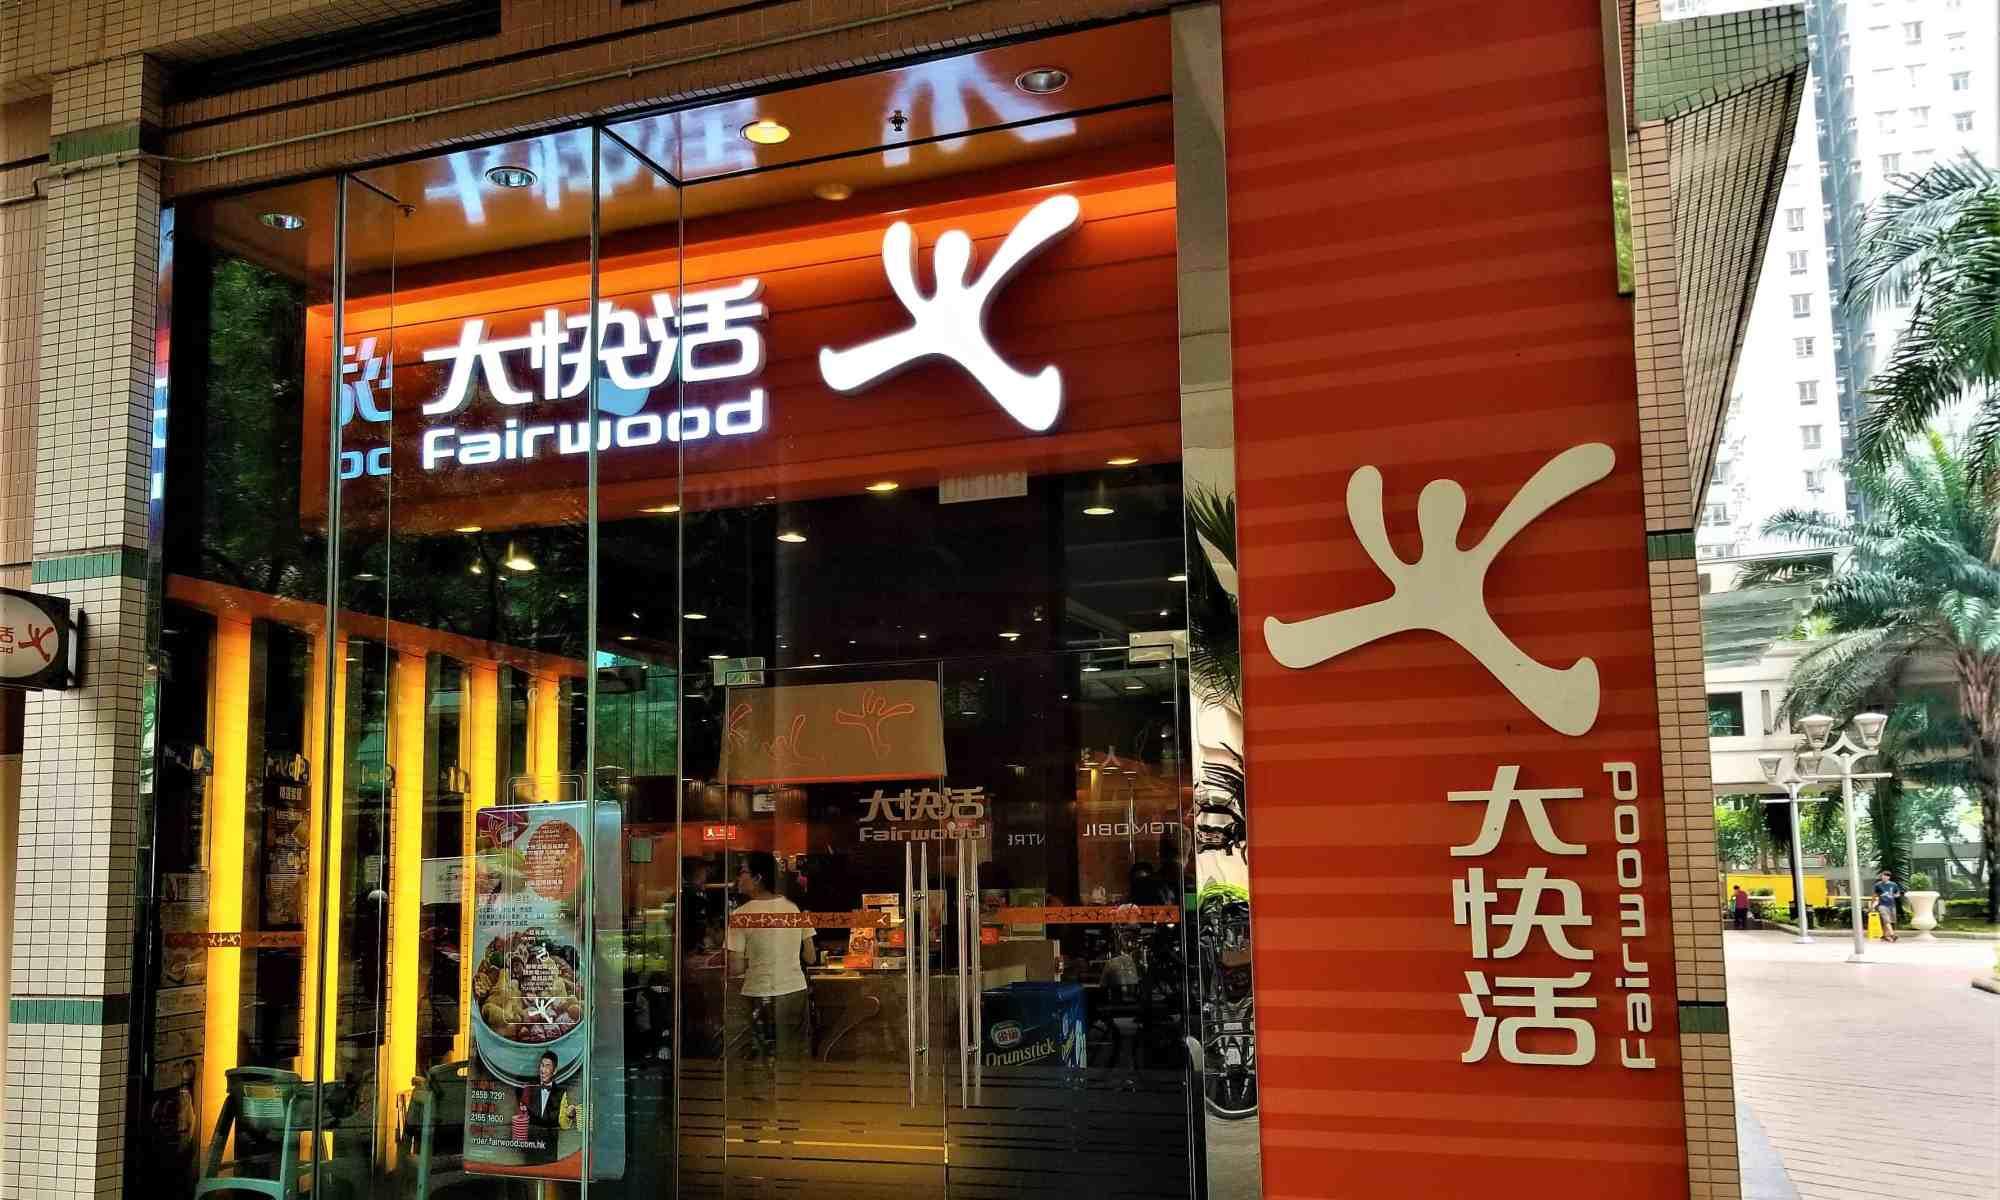 image-of-fairwood-fast-food-restaurant